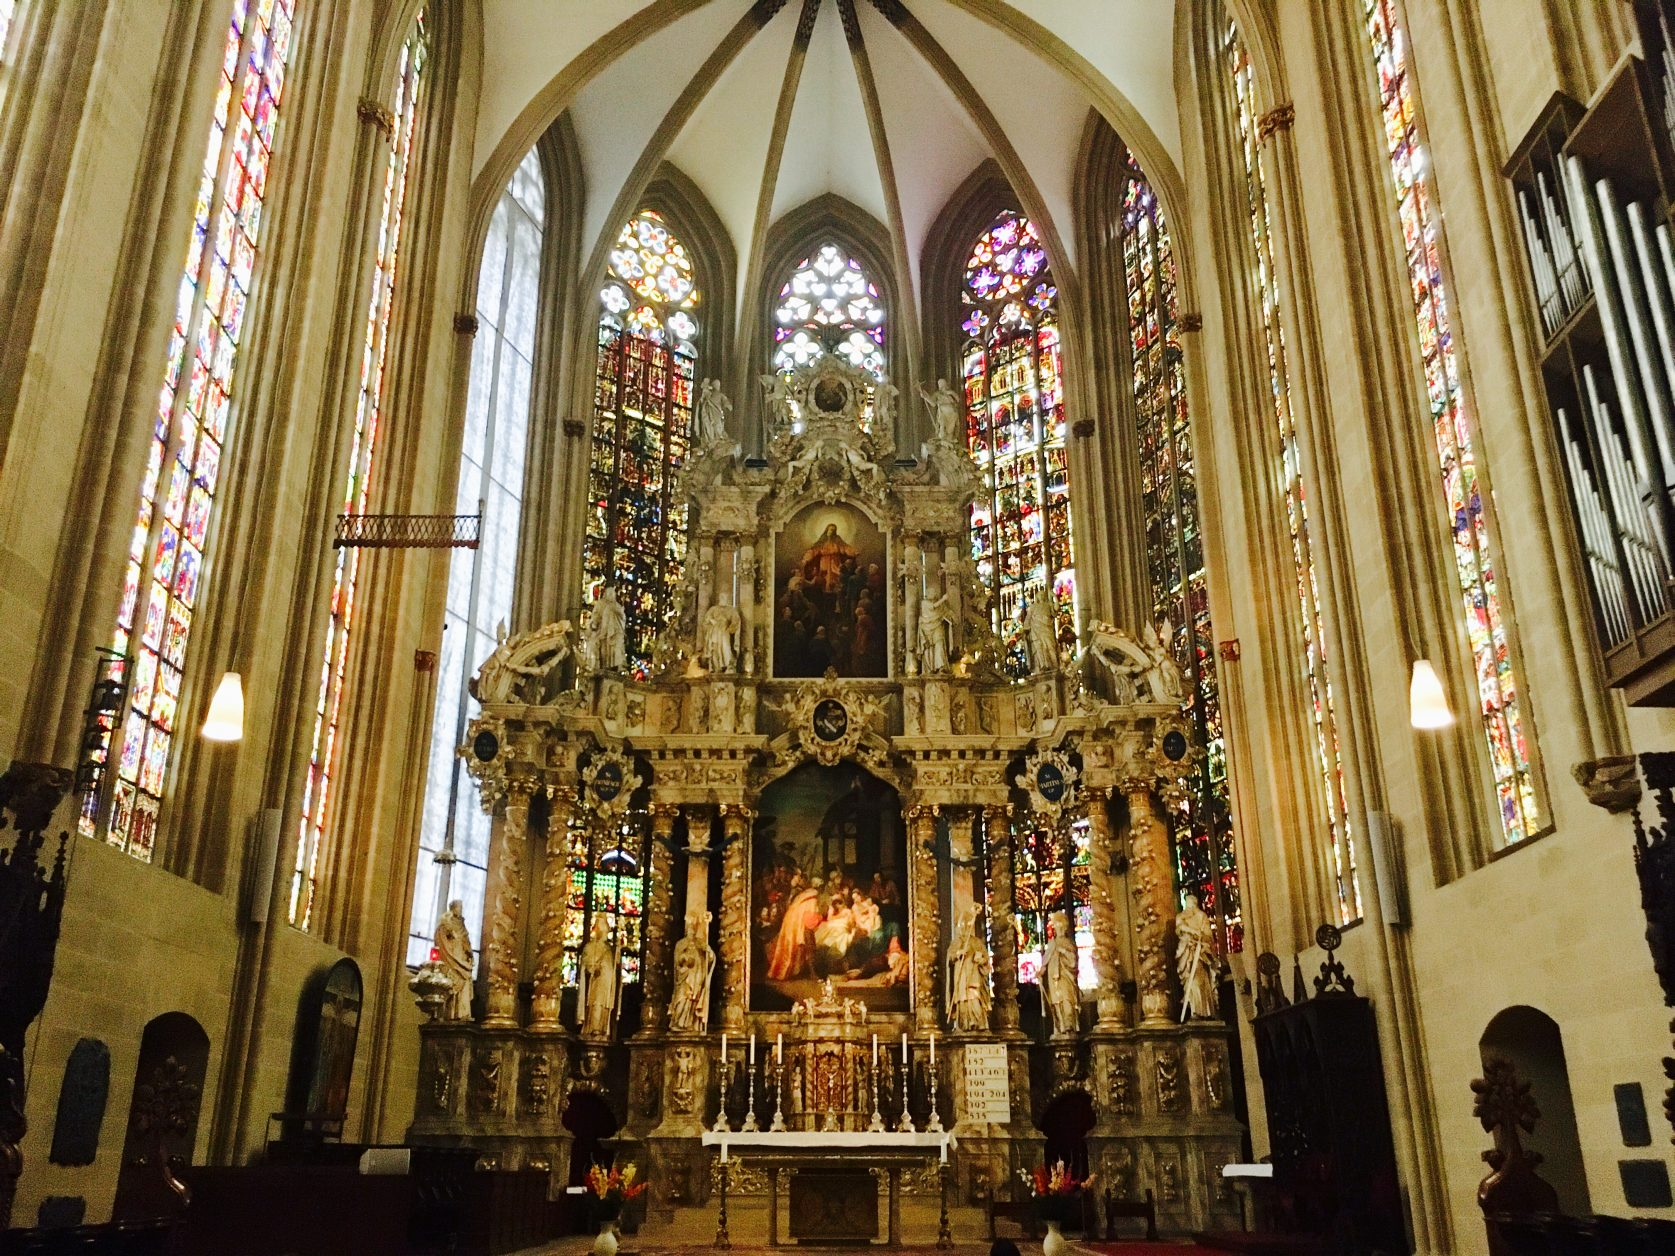 Prachtvoll: barocker Hochaltar des Erfurter Domes. Foto: Weirauch